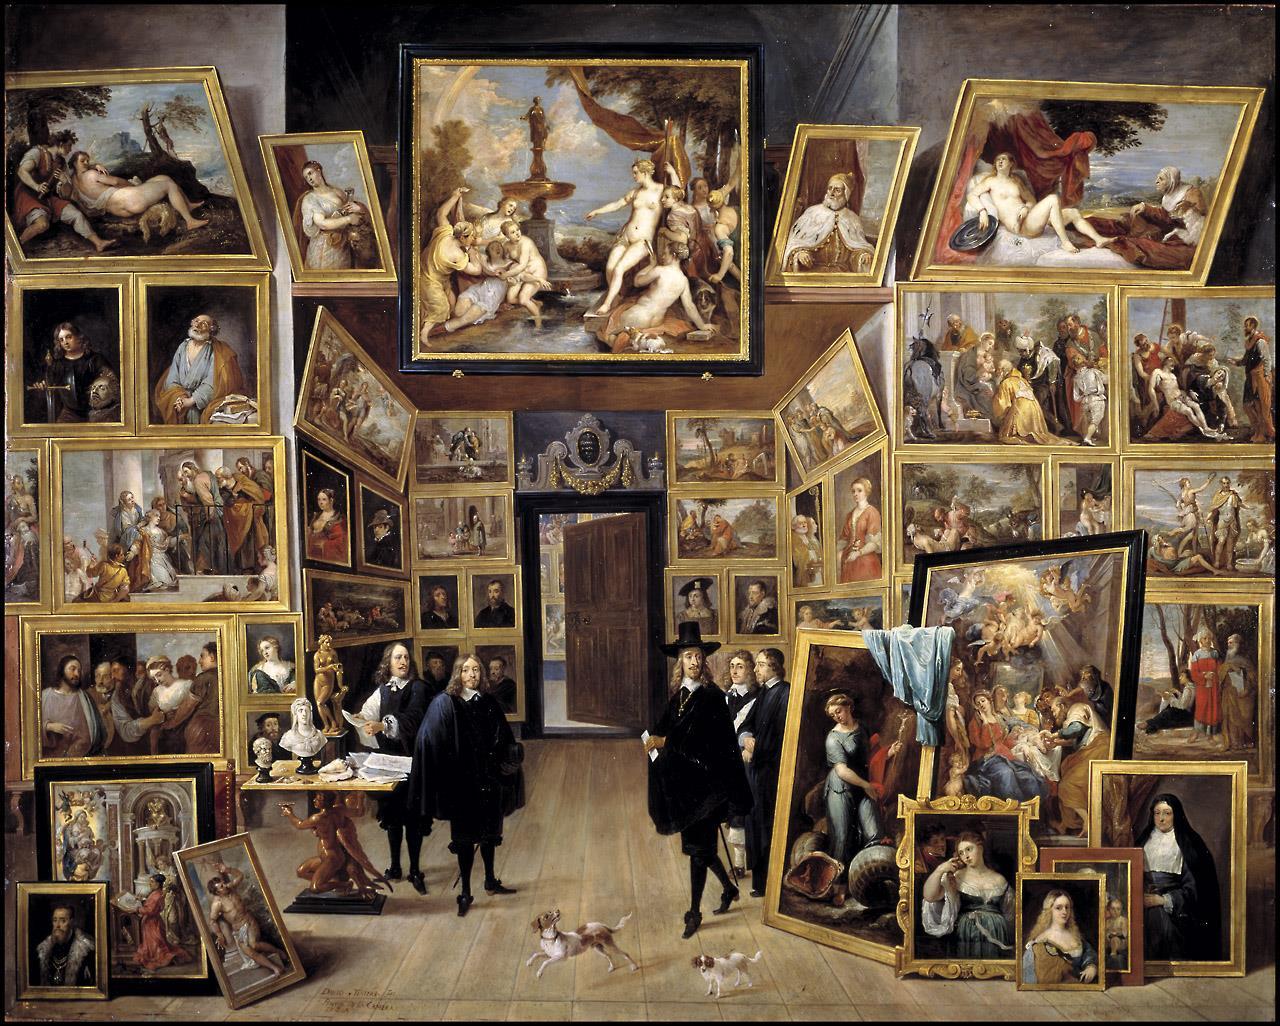 Archiduque Leopoldo Guillermo en su galería de pinturas en Bruselas, El [David Teniers ii]